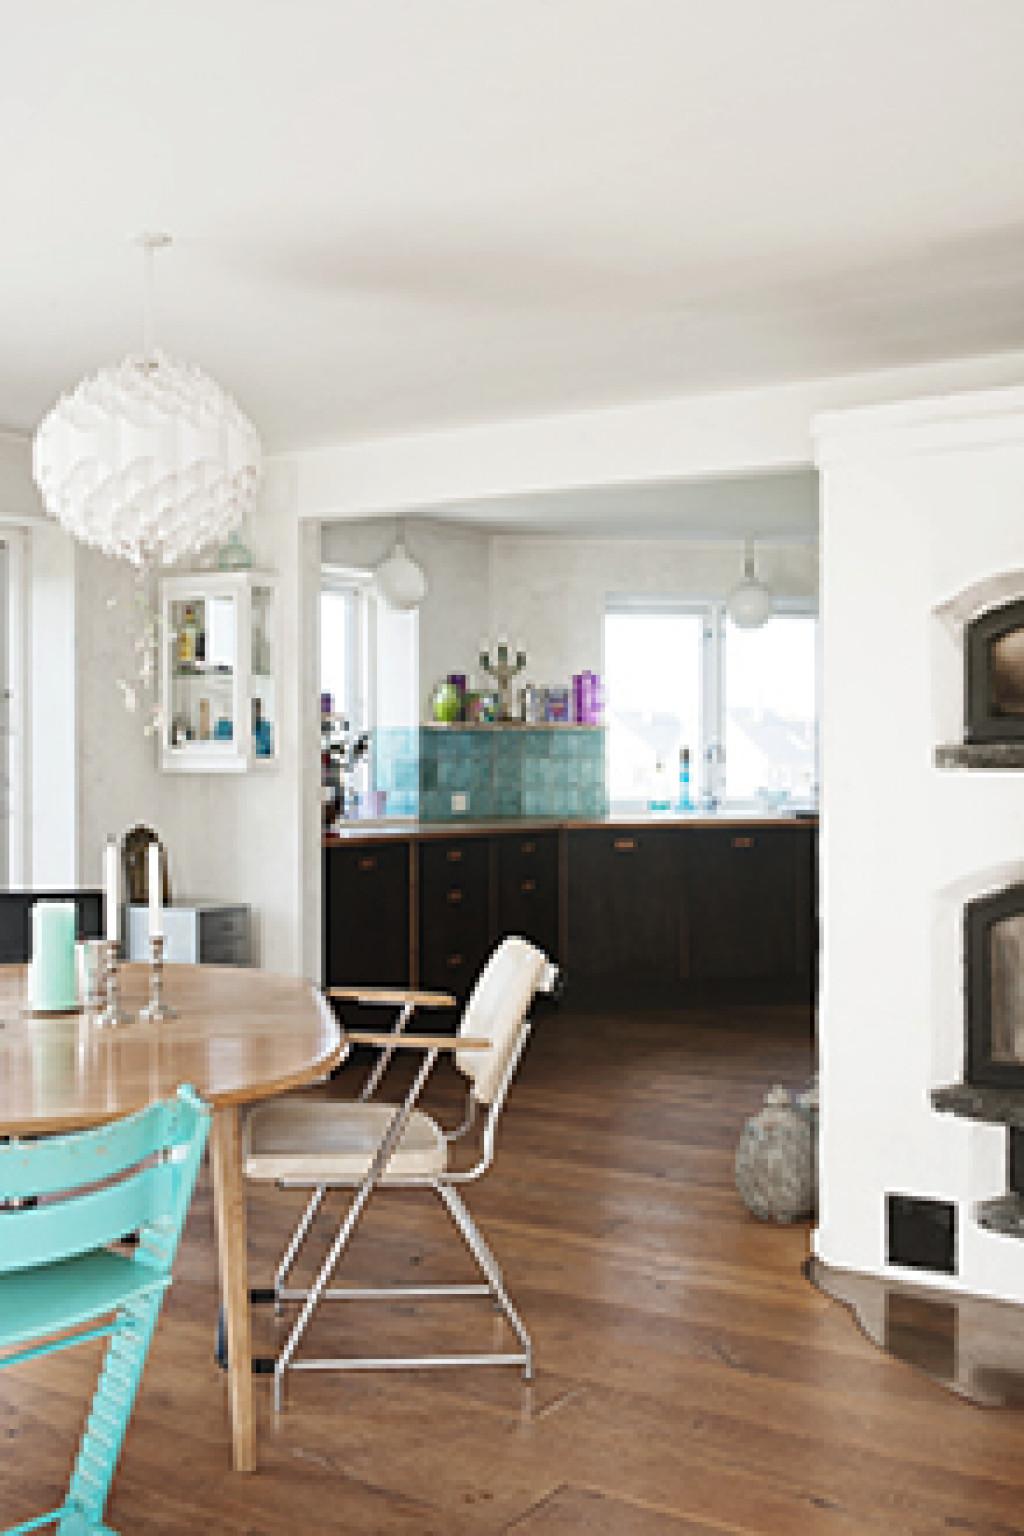 Dejligt hus i økolandsbyen Hallingelille ved Ringsted - mias_hus_9_c05b6ff45a28c216bb001a44238dcca8